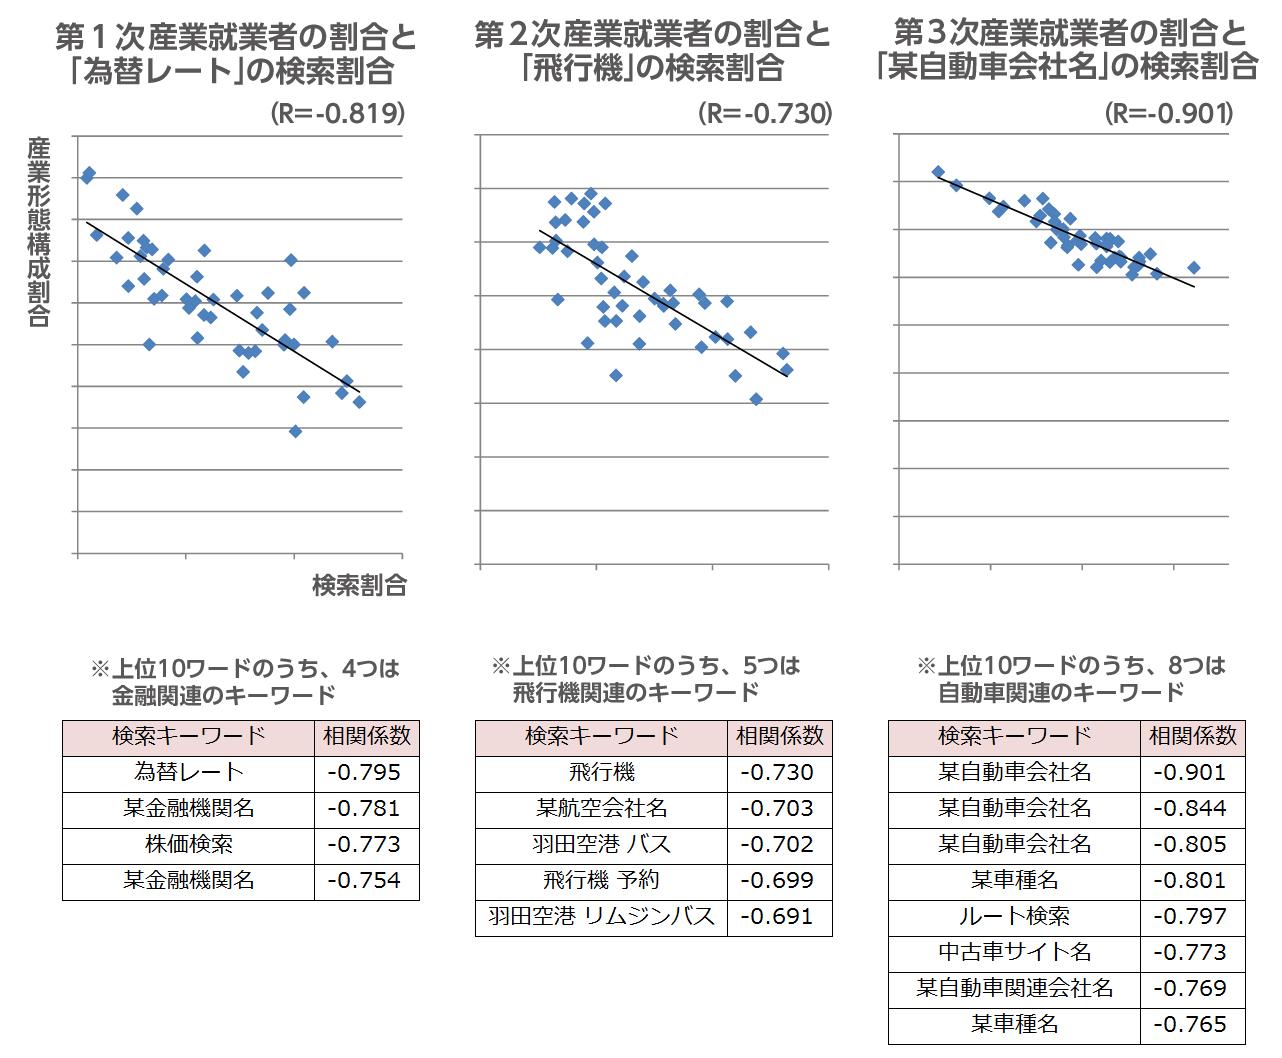 産業形態就業者別構成割合と各検索割合との相関図